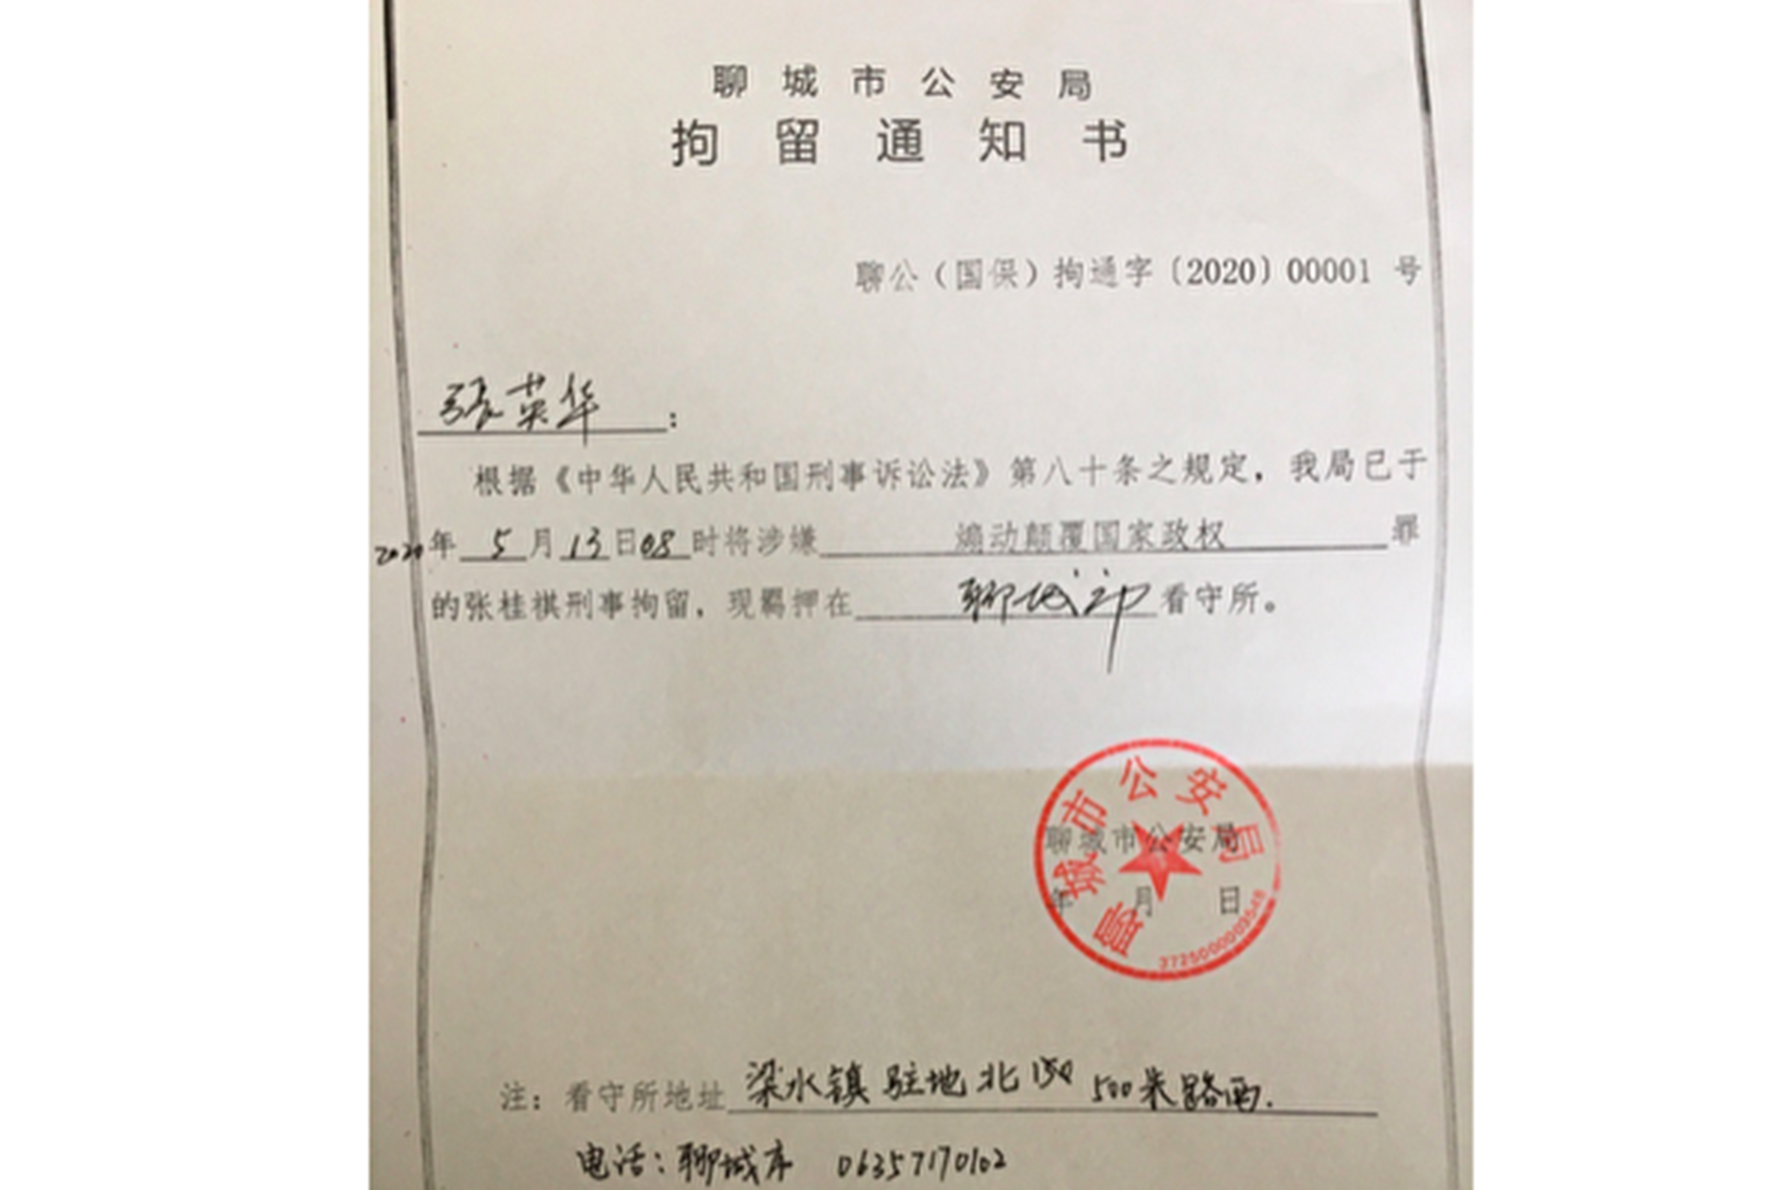 山東詩人魯揚因言獲罪,被當局以「顛覆國家政權罪」刑拘。(受訪人提供)